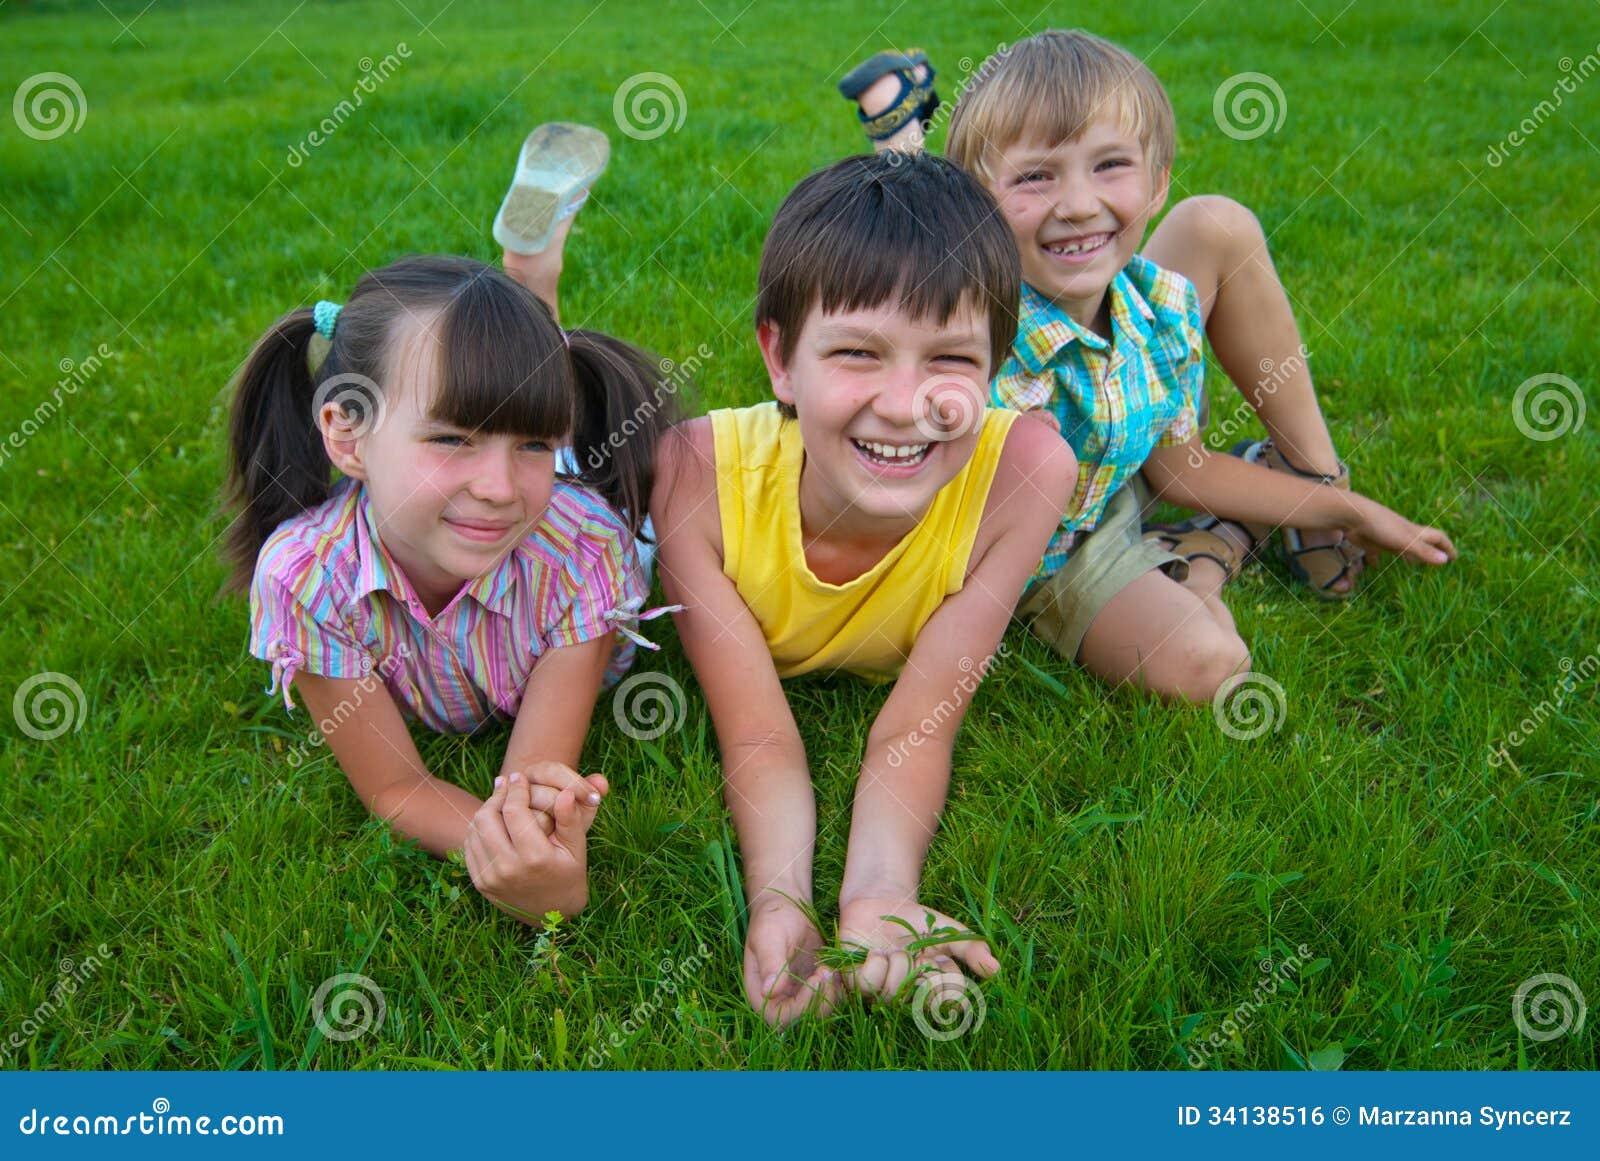 Três crianças na grama